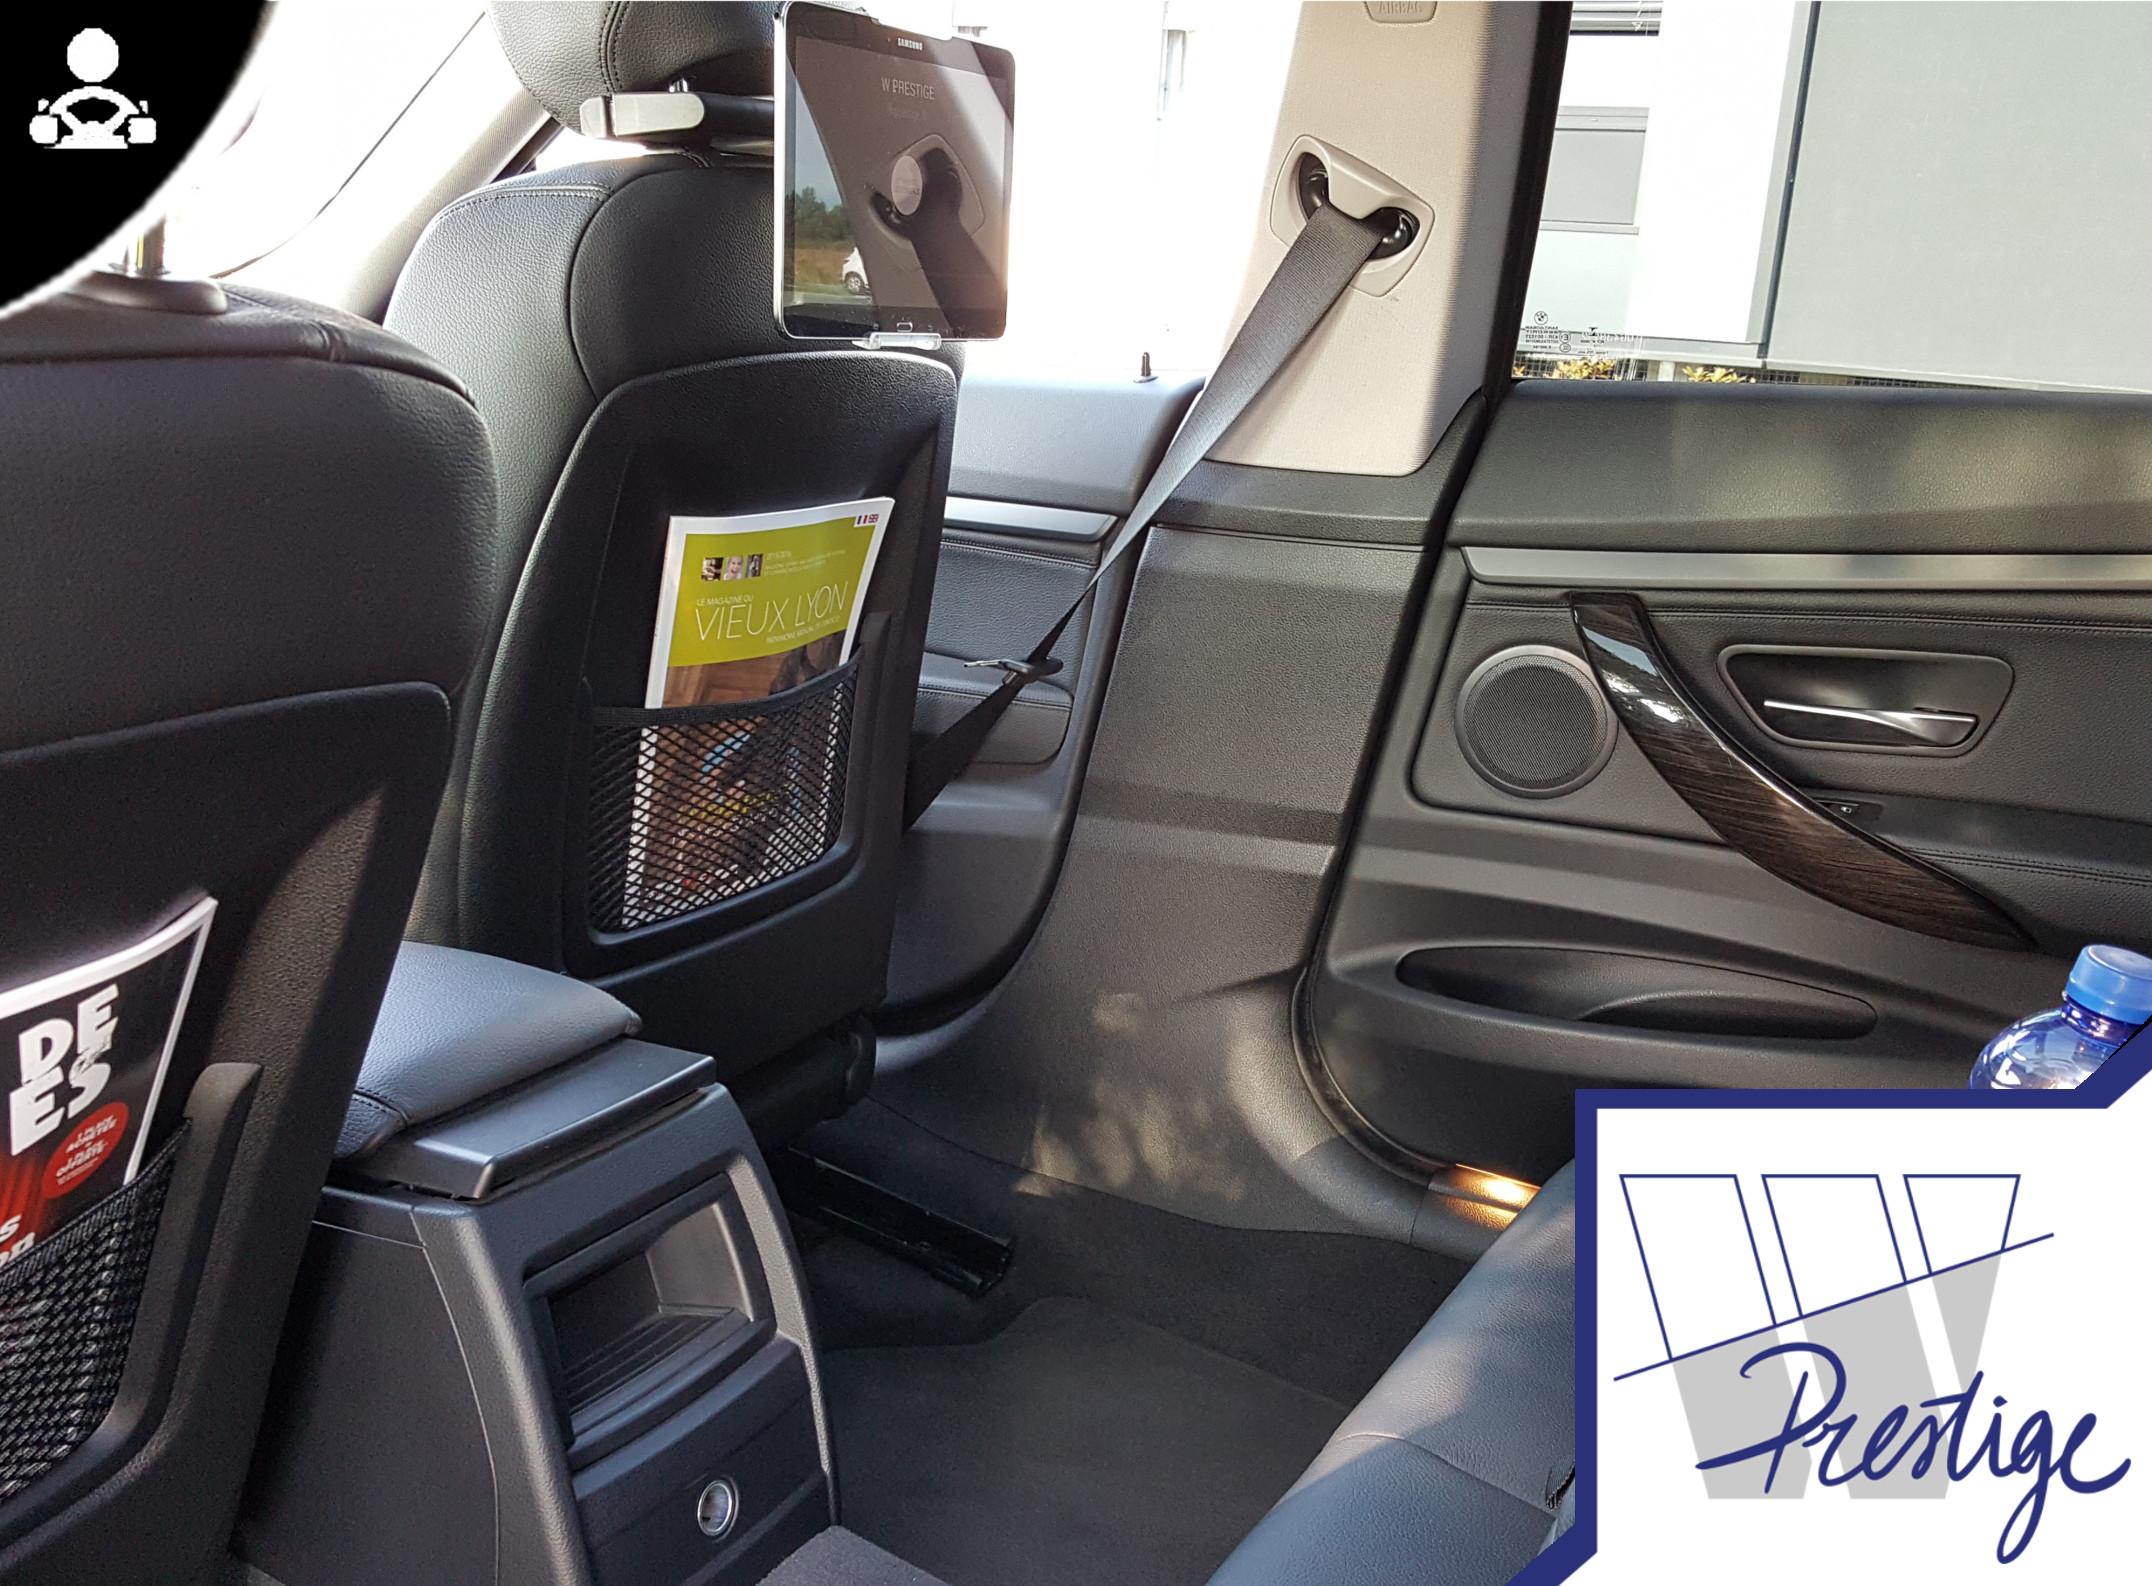 Raisons d'engager un chauffeur avec une voiture - à Lyon